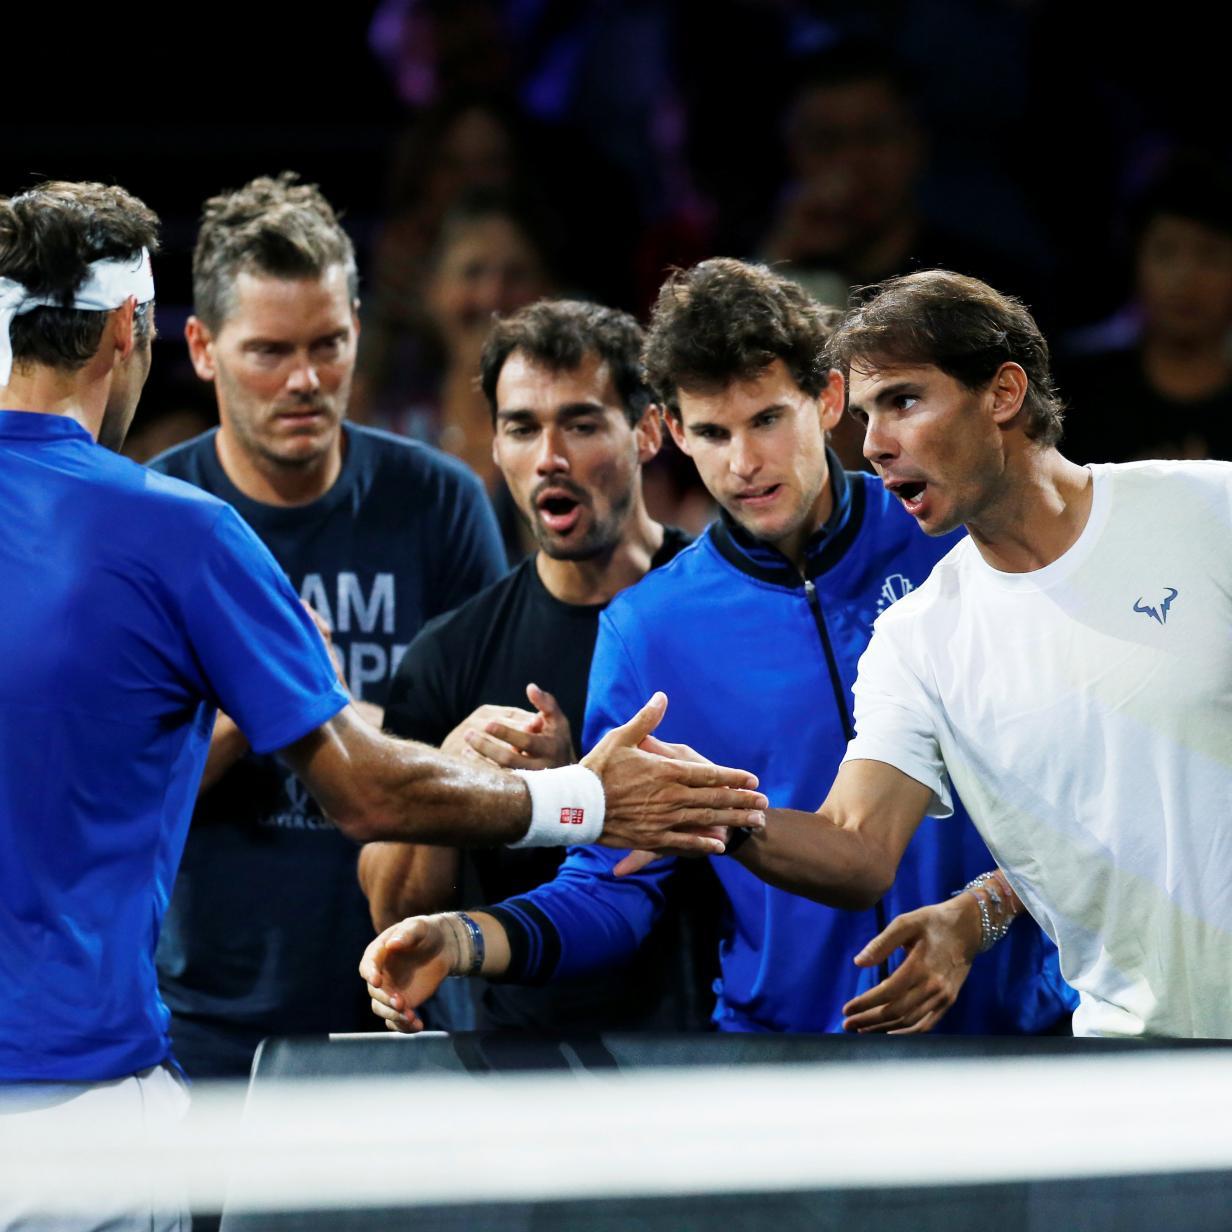 """Federer mit Sonderlob für Thiem: """"Riesenchampion jetzt schon"""""""